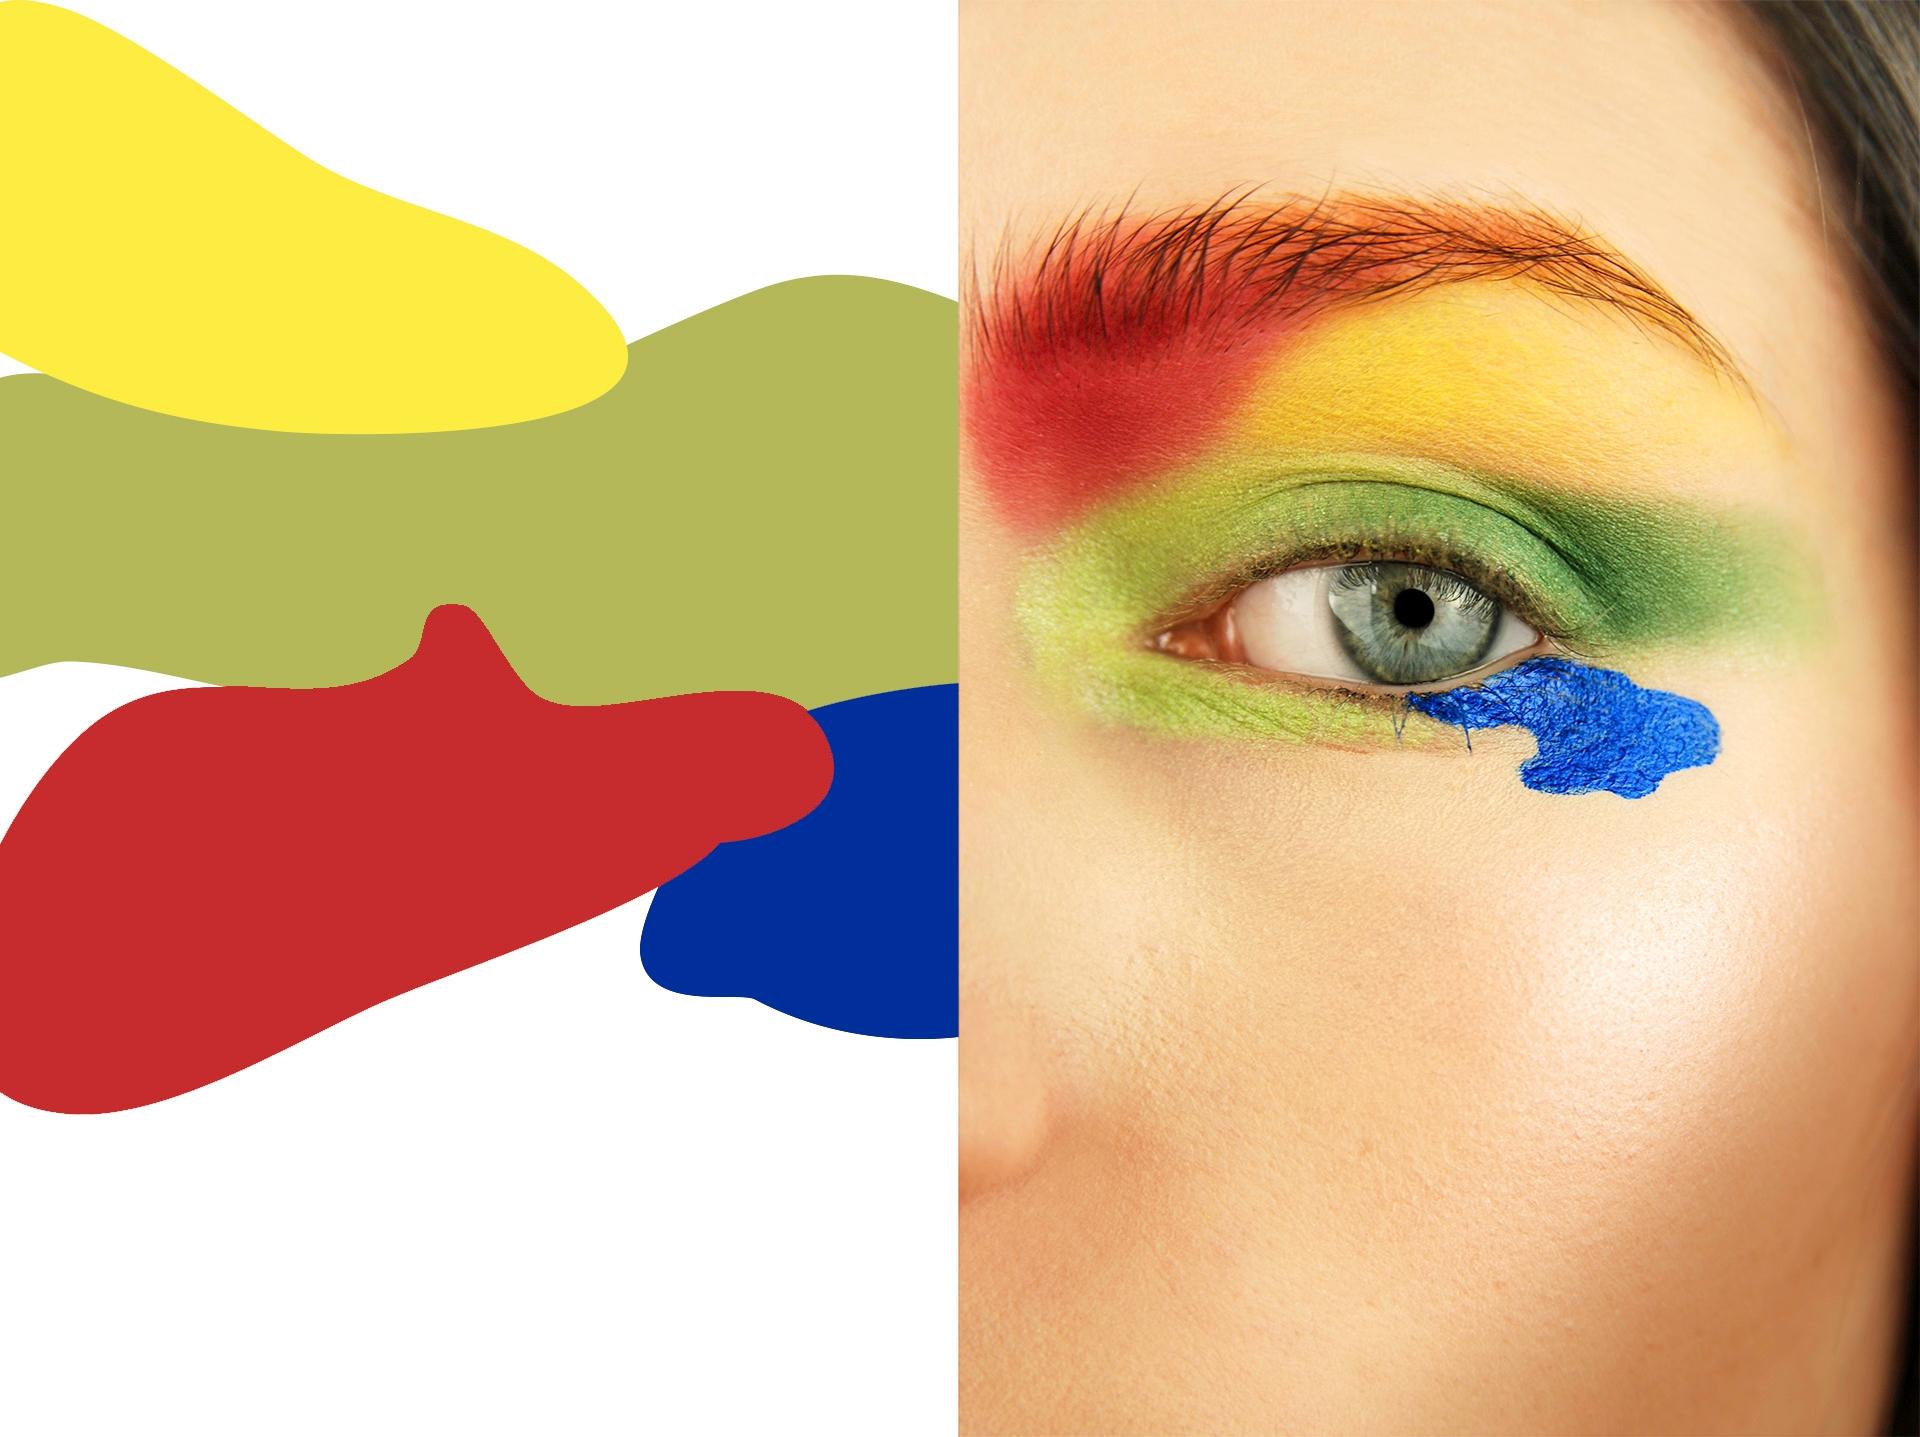 Obraz przedstawia różnokolorowe plamy oraz zdjęcie oka w mocnym makijażu.